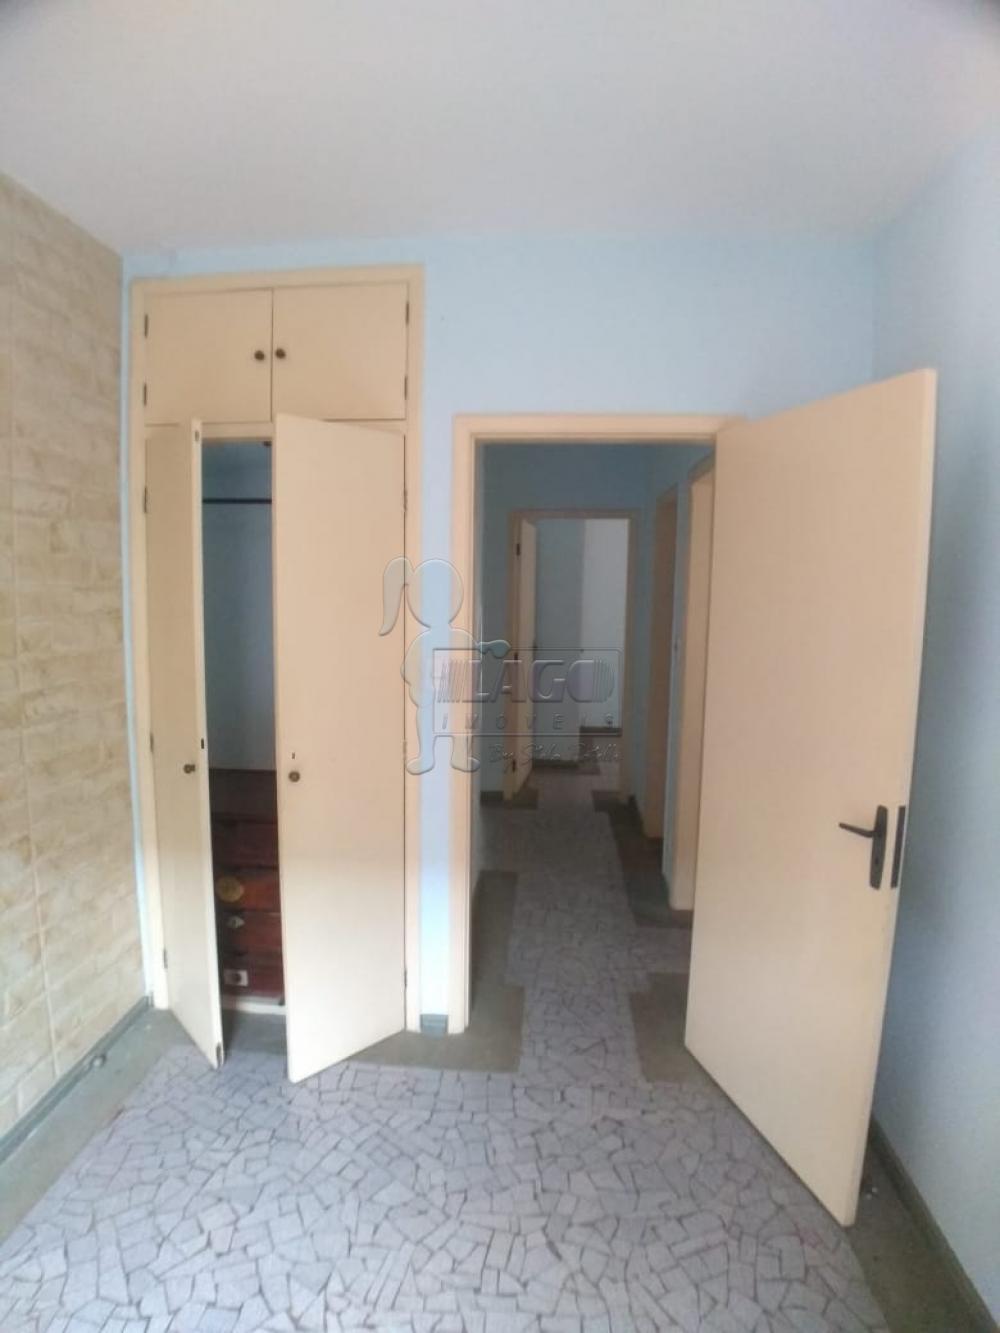 Alugar Casas / Padrão em Ribeirão Preto apenas R$ 1.800,00 - Foto 8